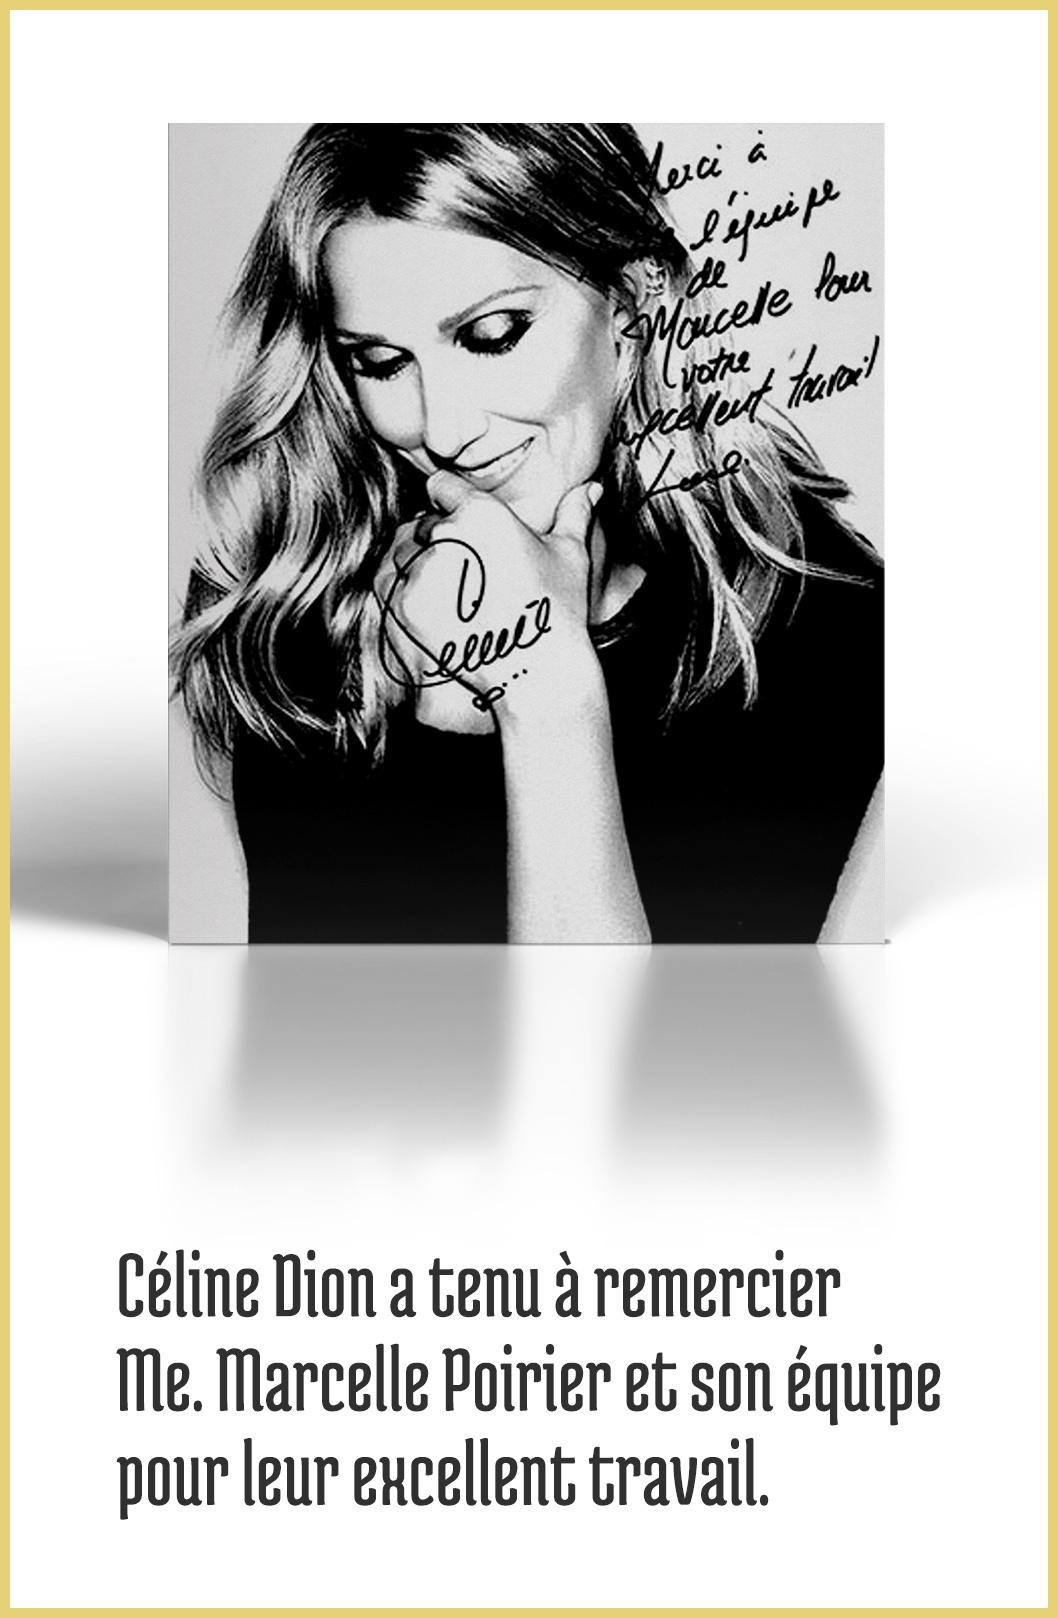 Remerciements Céline Dion